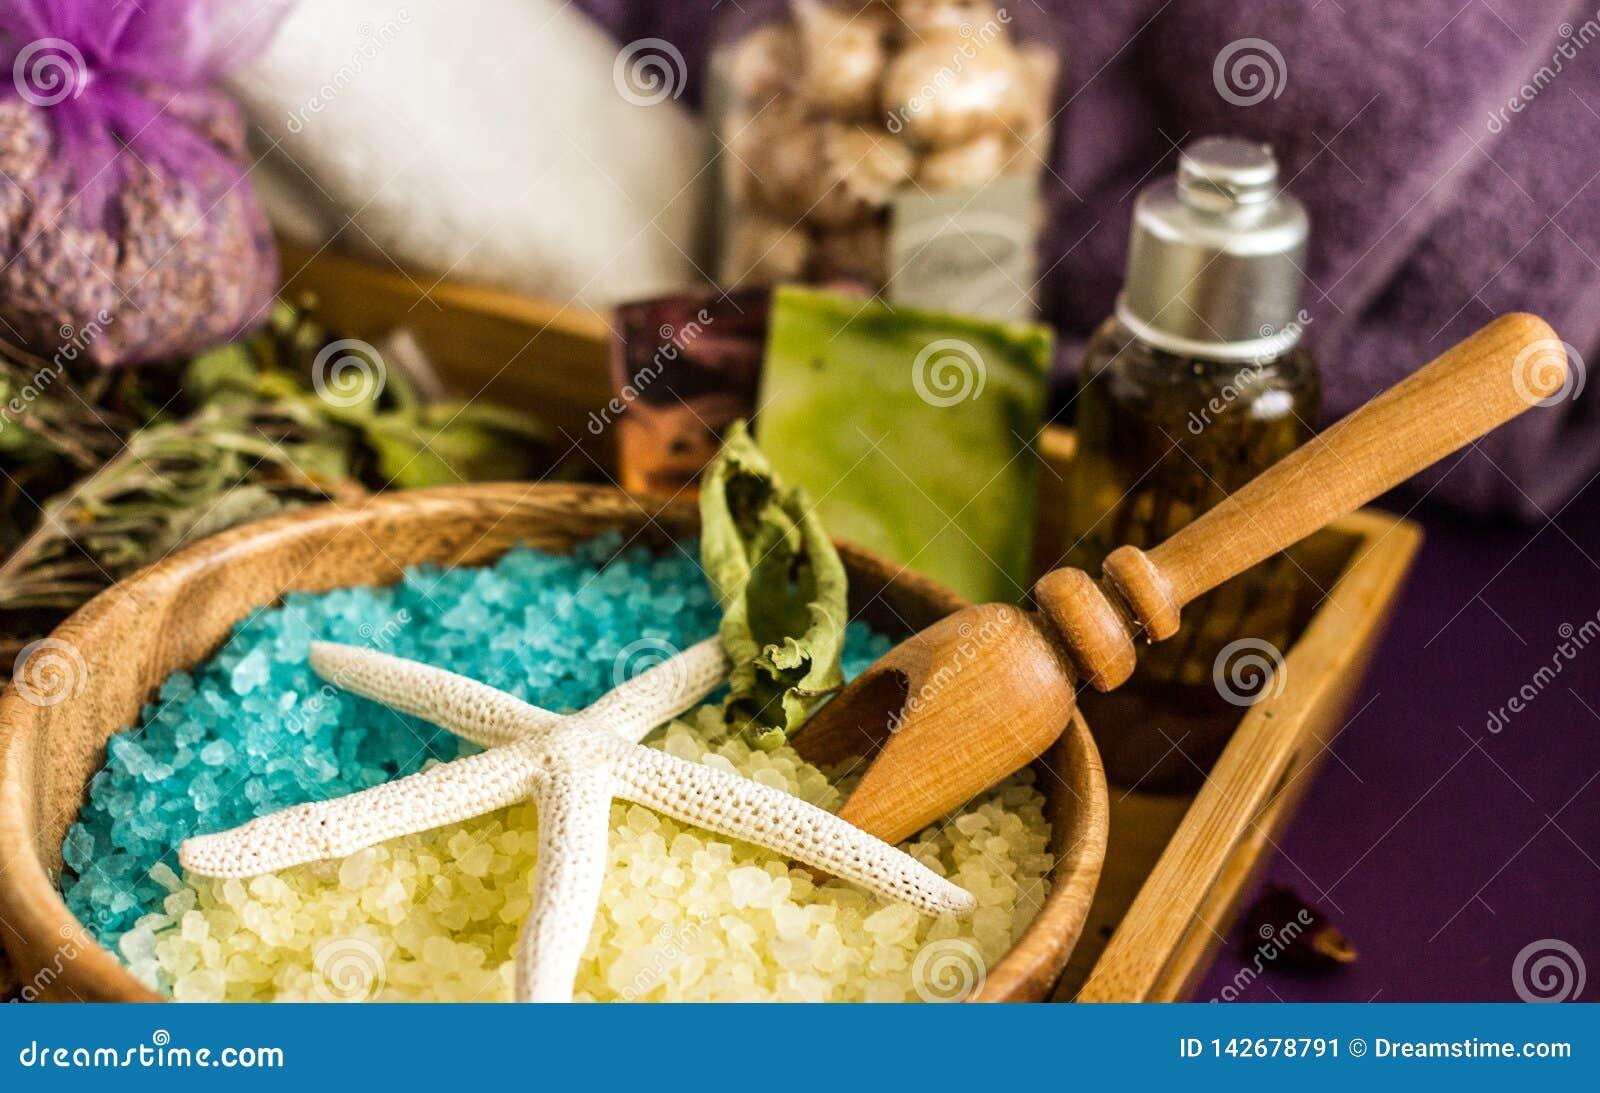 Handgemachtes Badesalz mit aromatischen Ölen, Cosmetology und Badekurort,